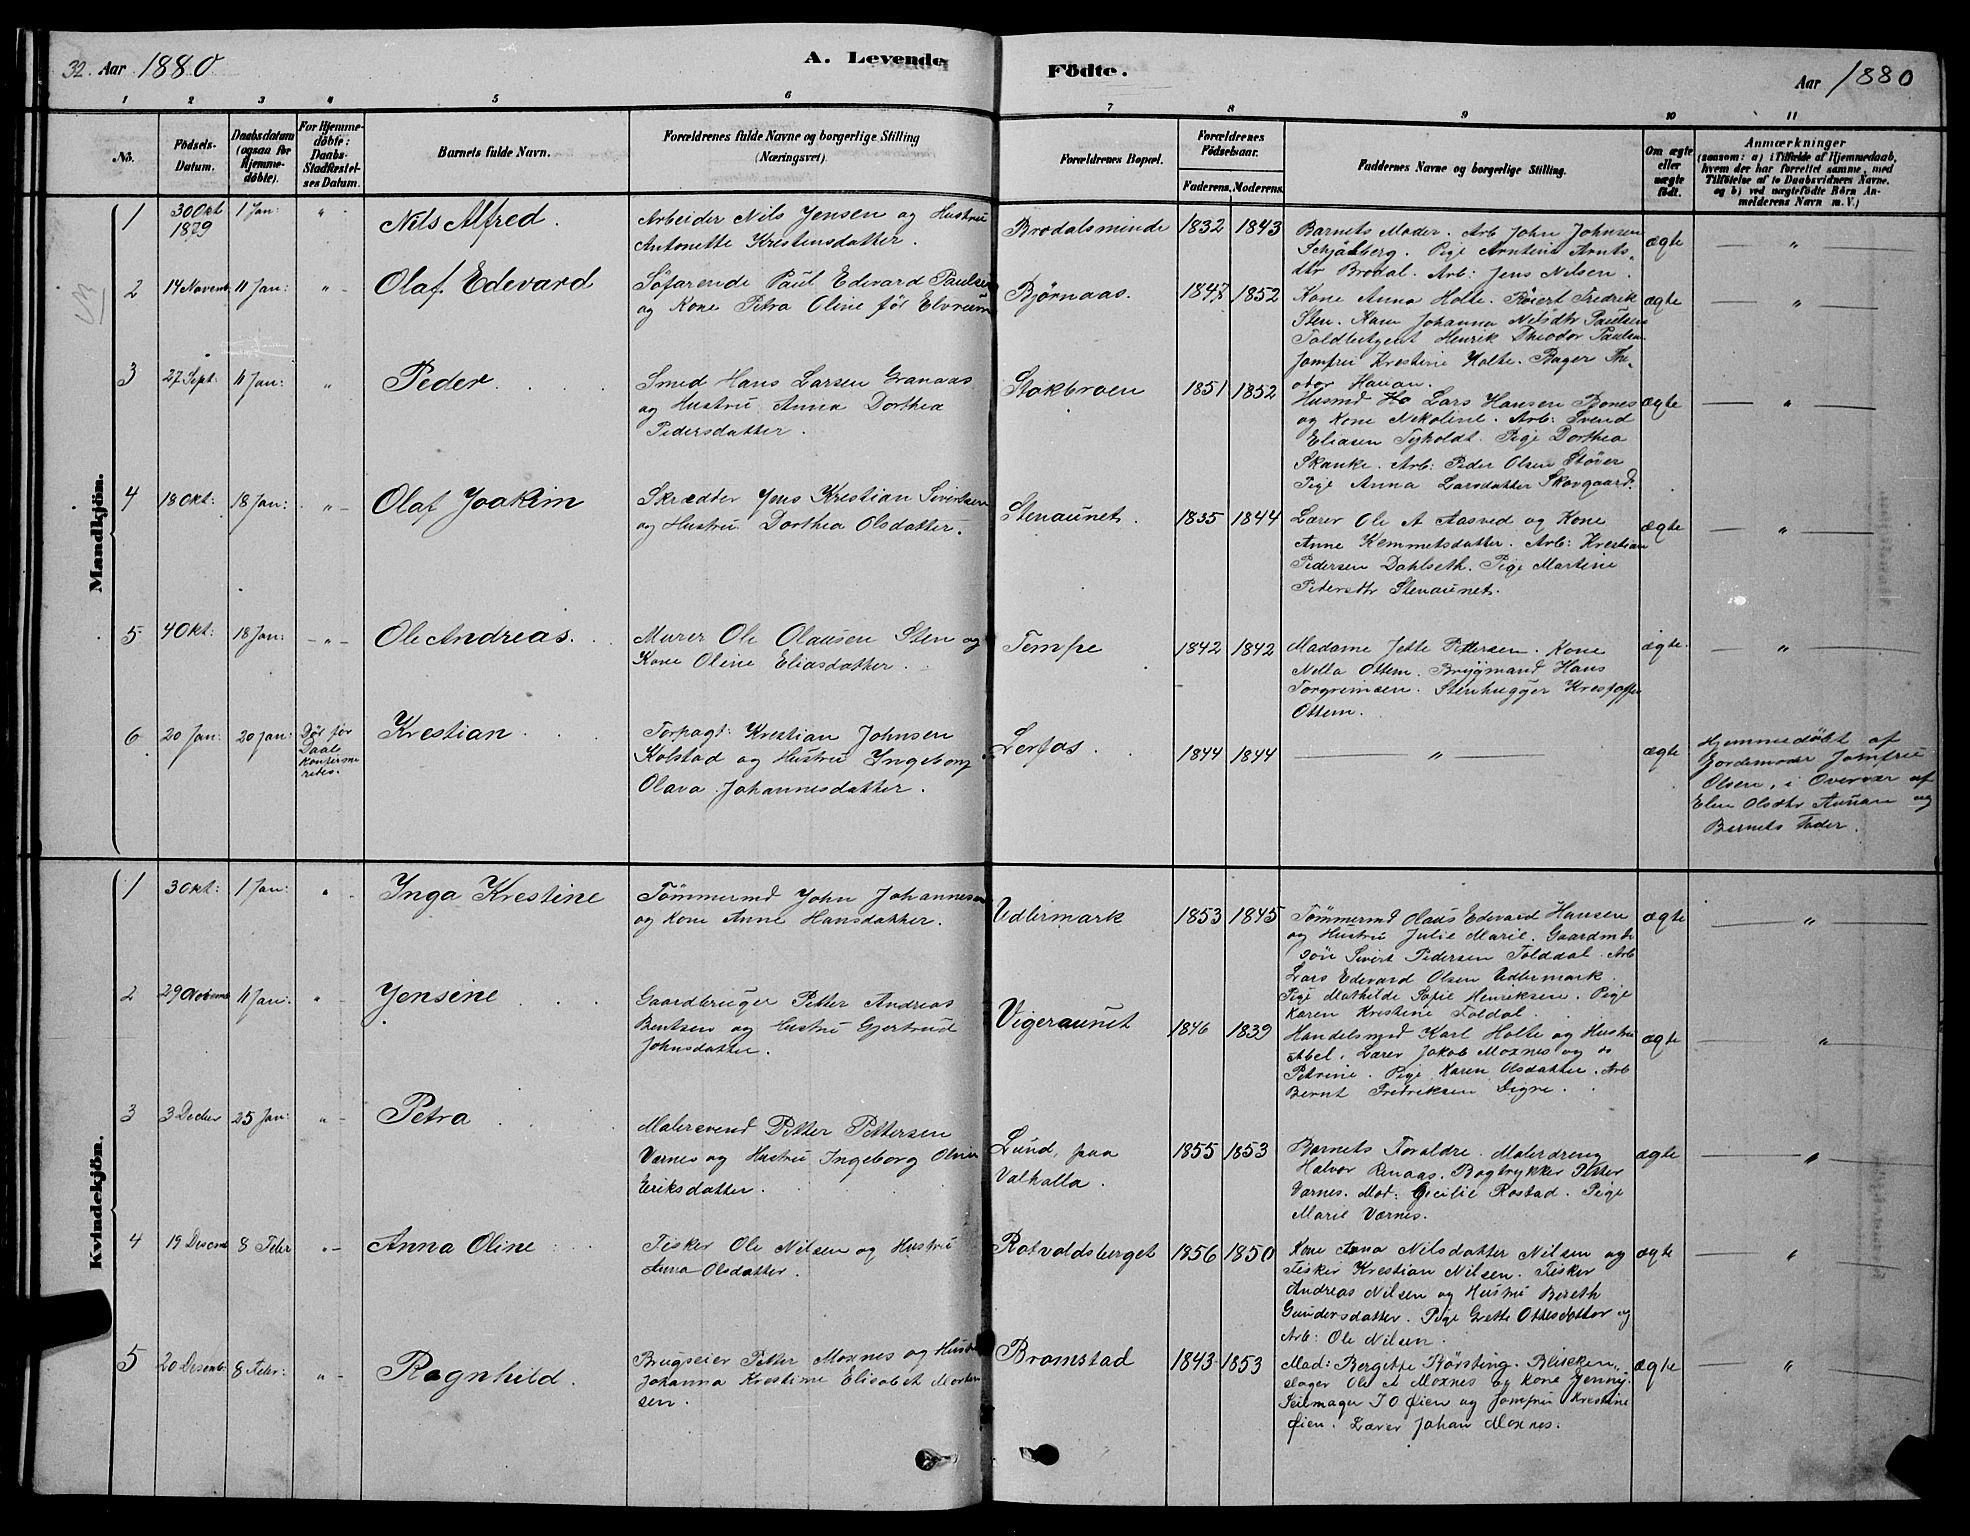 SAT, Ministerialprotokoller, klokkerbøker og fødselsregistre - Sør-Trøndelag, 606/L0312: Klokkerbok nr. 606C08, 1878-1894, s. 32